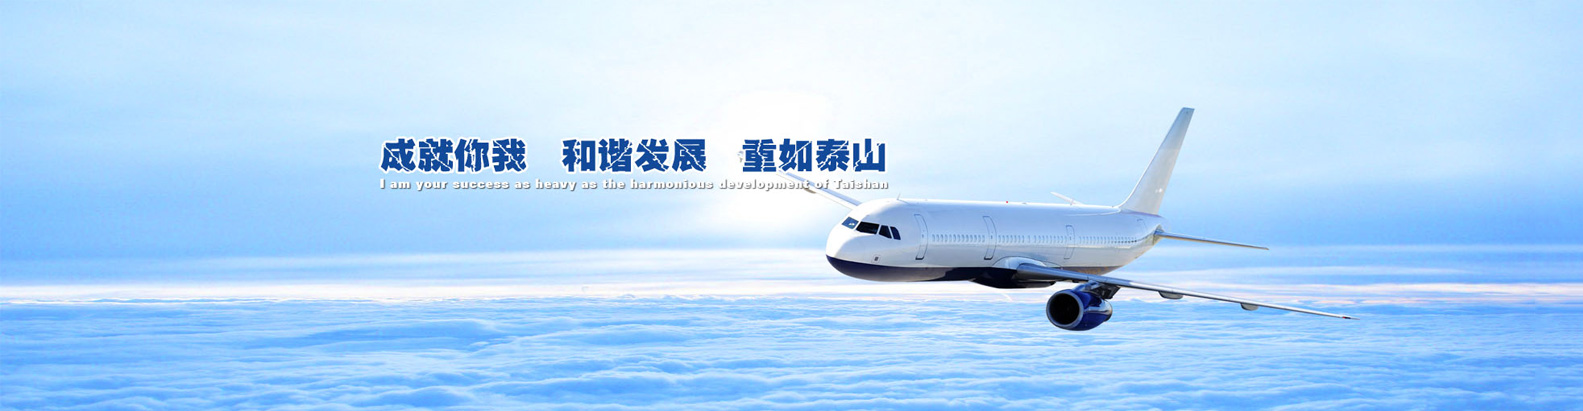 安徽红星机电科技股份有限公司-banner2